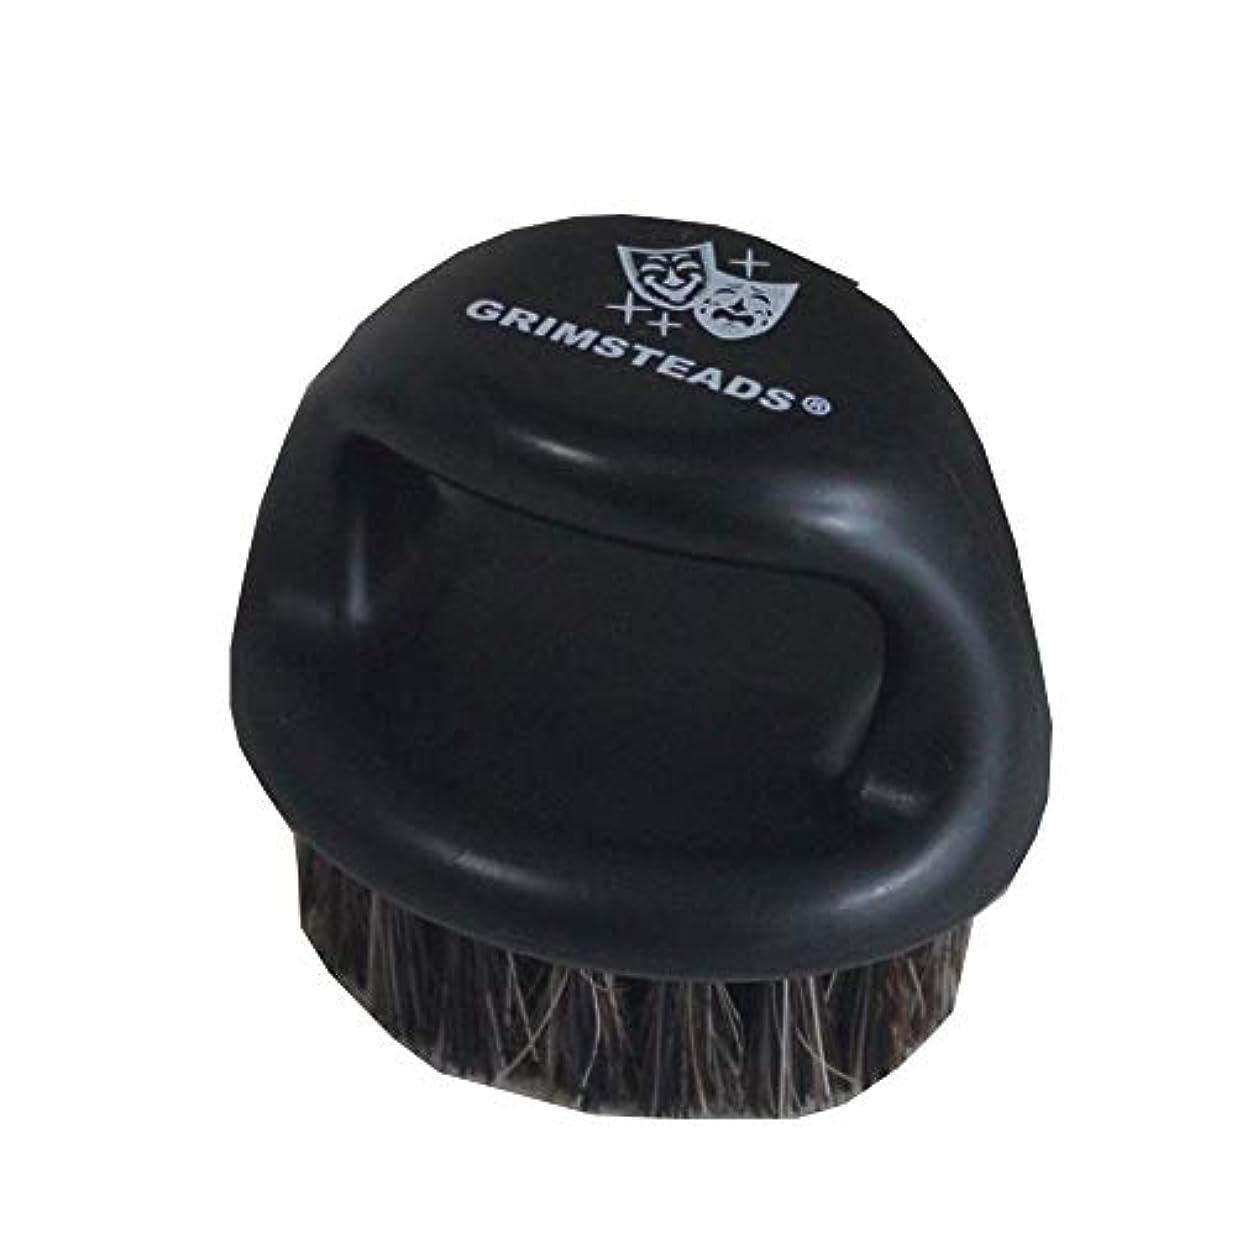 叫び声フィクションキロメートルFADE BRUSH フェードブラシ GRIMSTEADS 美容室 理容室 BARBER